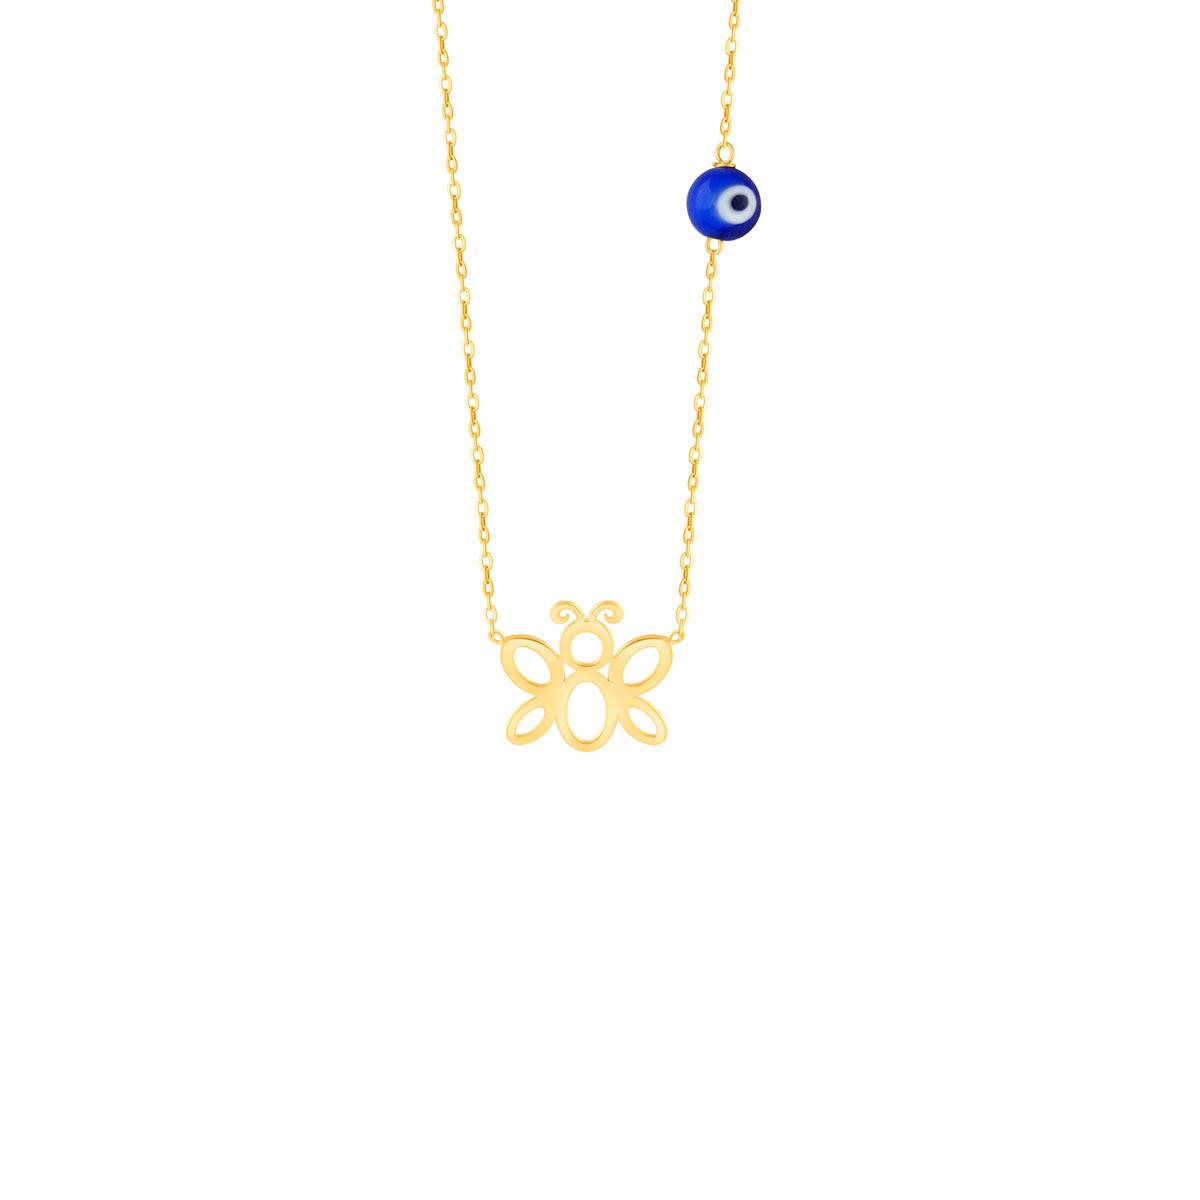 گردنبند طلا بچه گانه پروانه